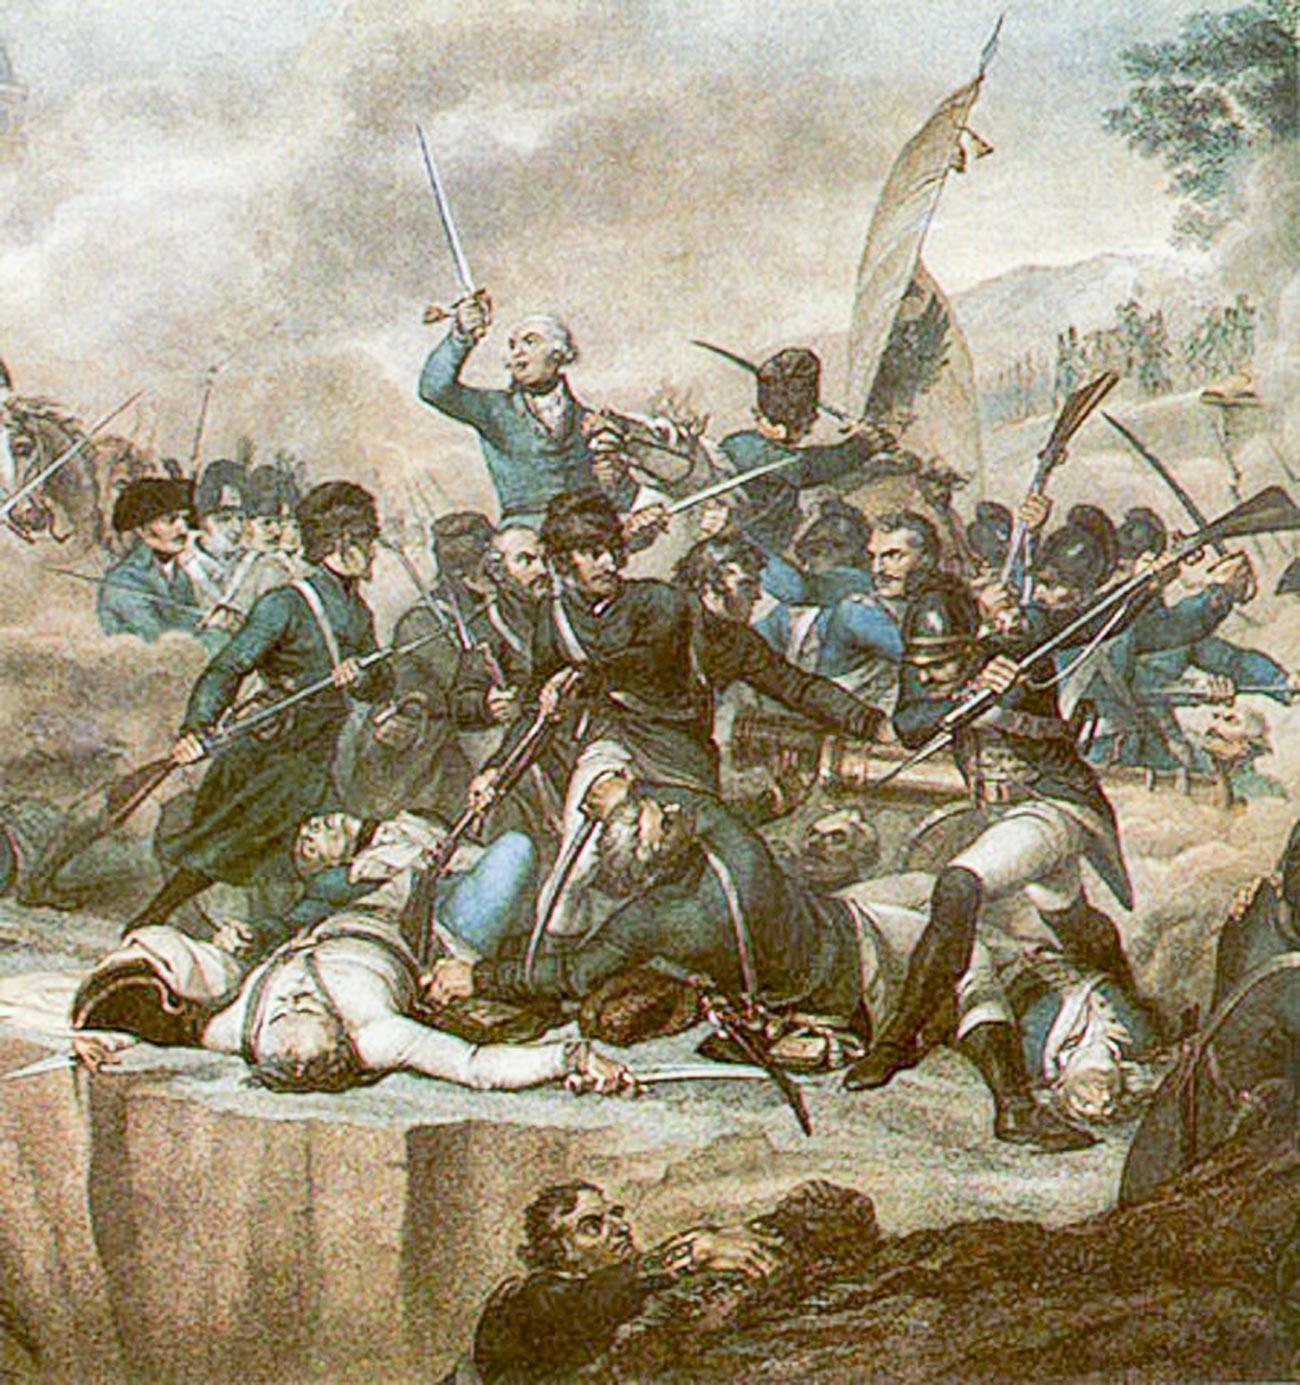 イタリア・スイス戦役で戦っているスヴォーロフの軍